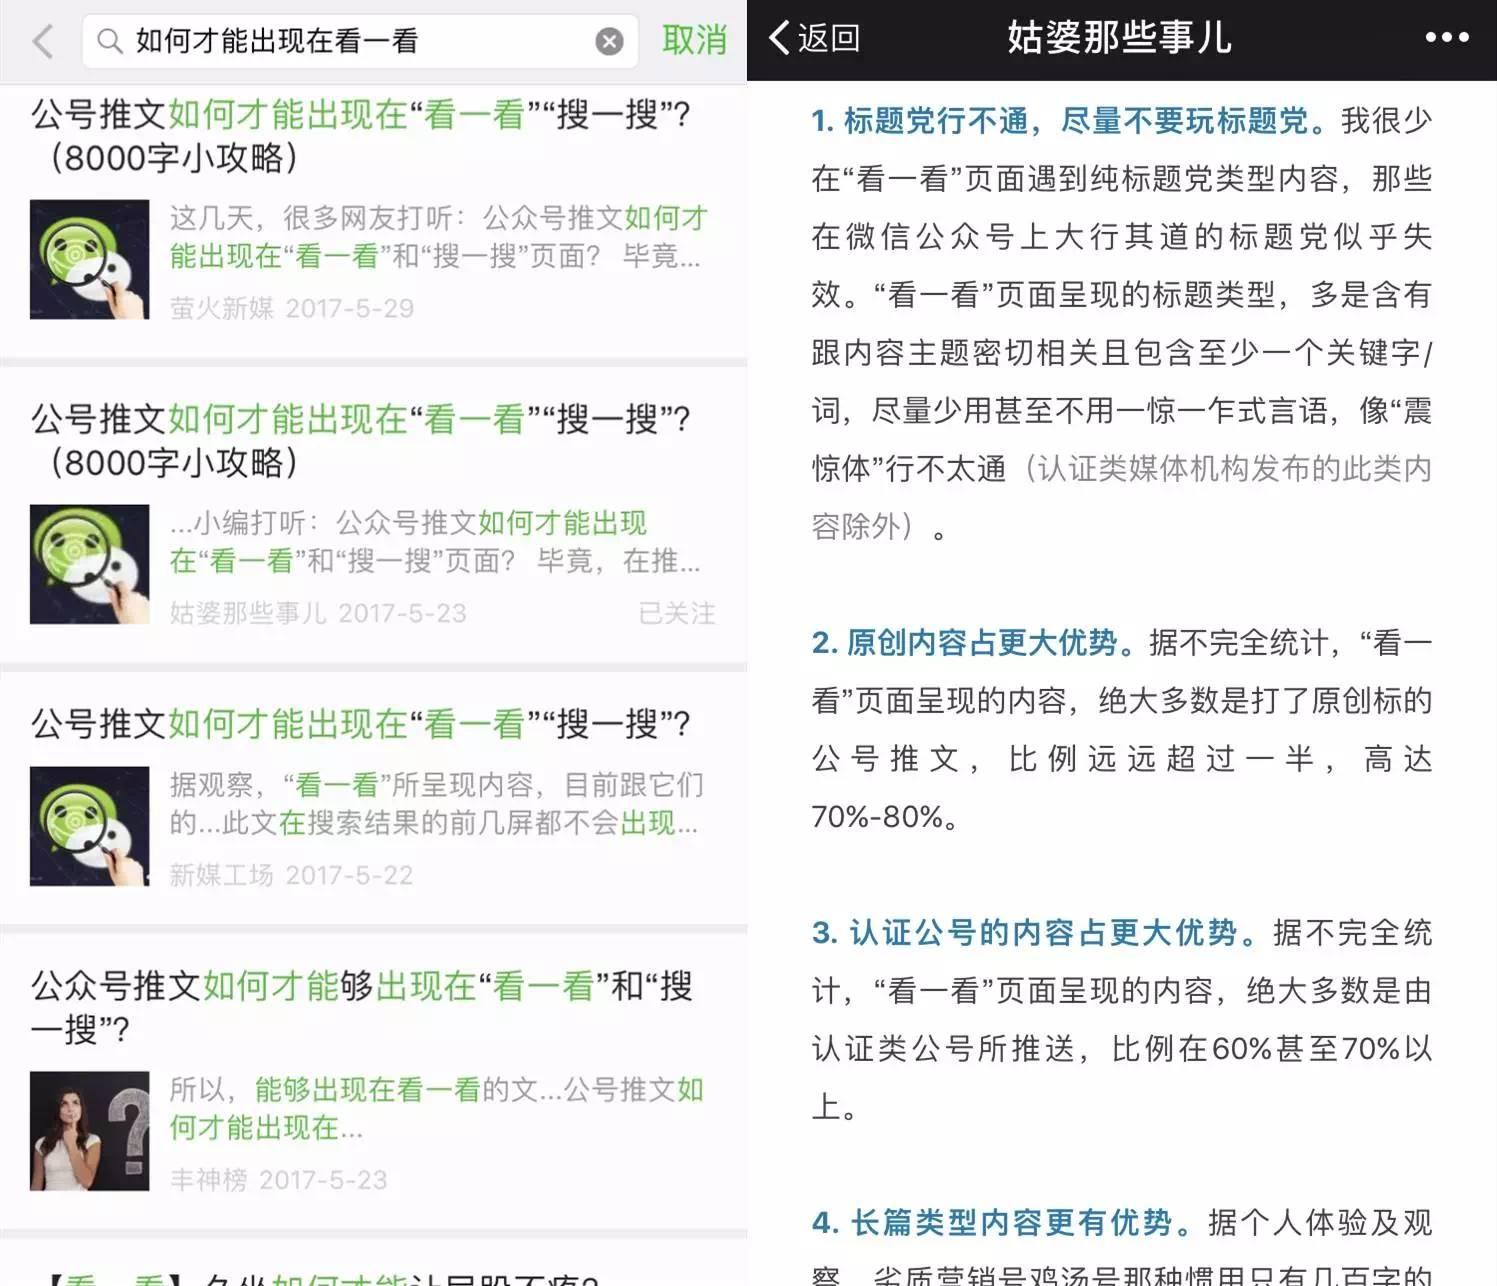 """微信、微博与今日头条缠斗正酣,自媒体人将坐收""""掐架红利""""?"""